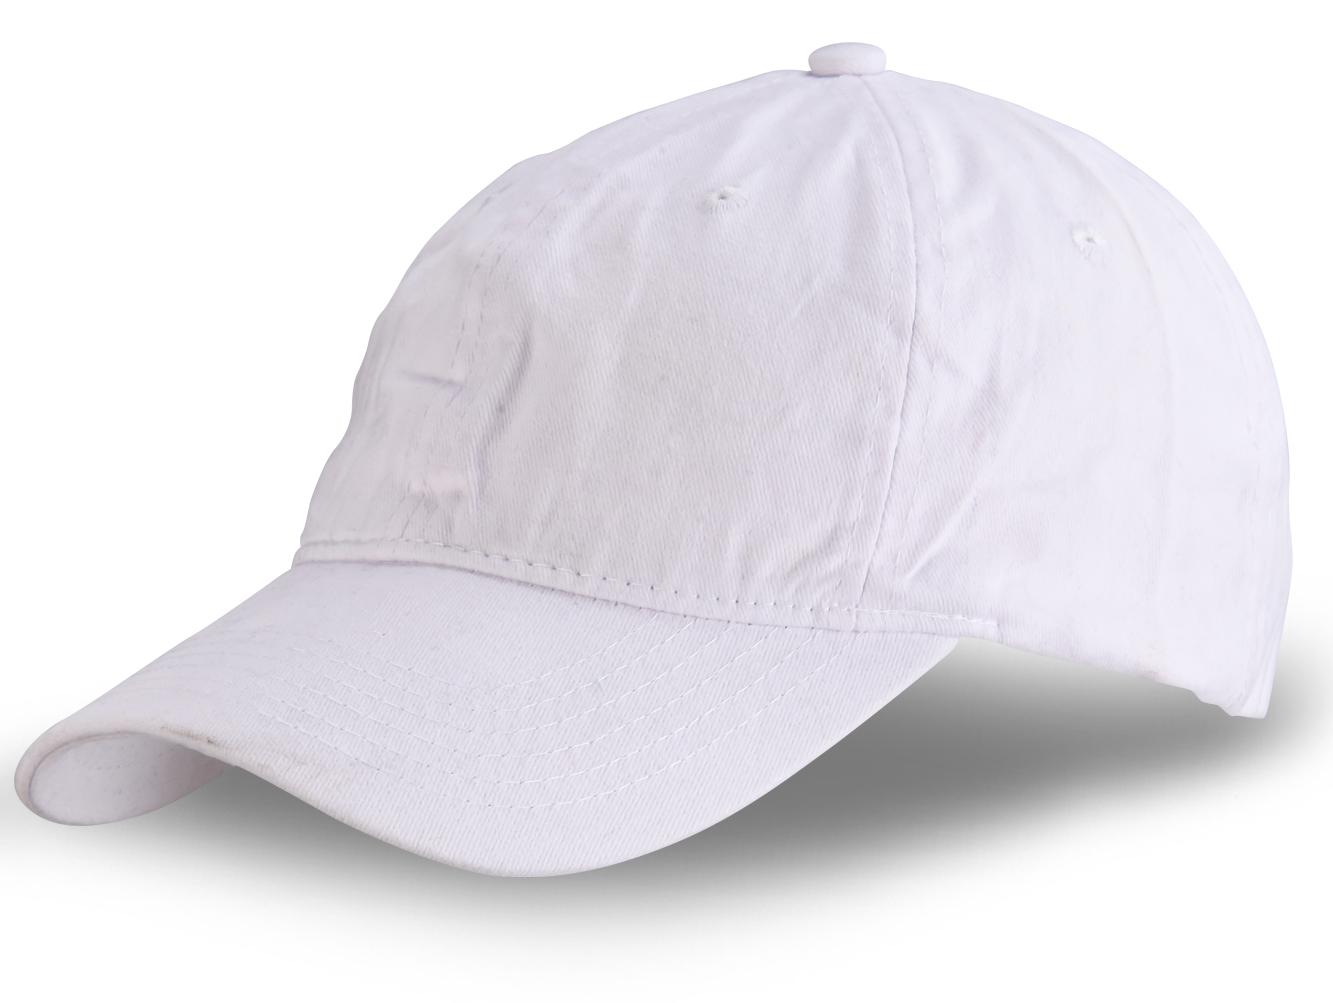 Белая бейсболка - заказать с доставкой в интернет-магазине